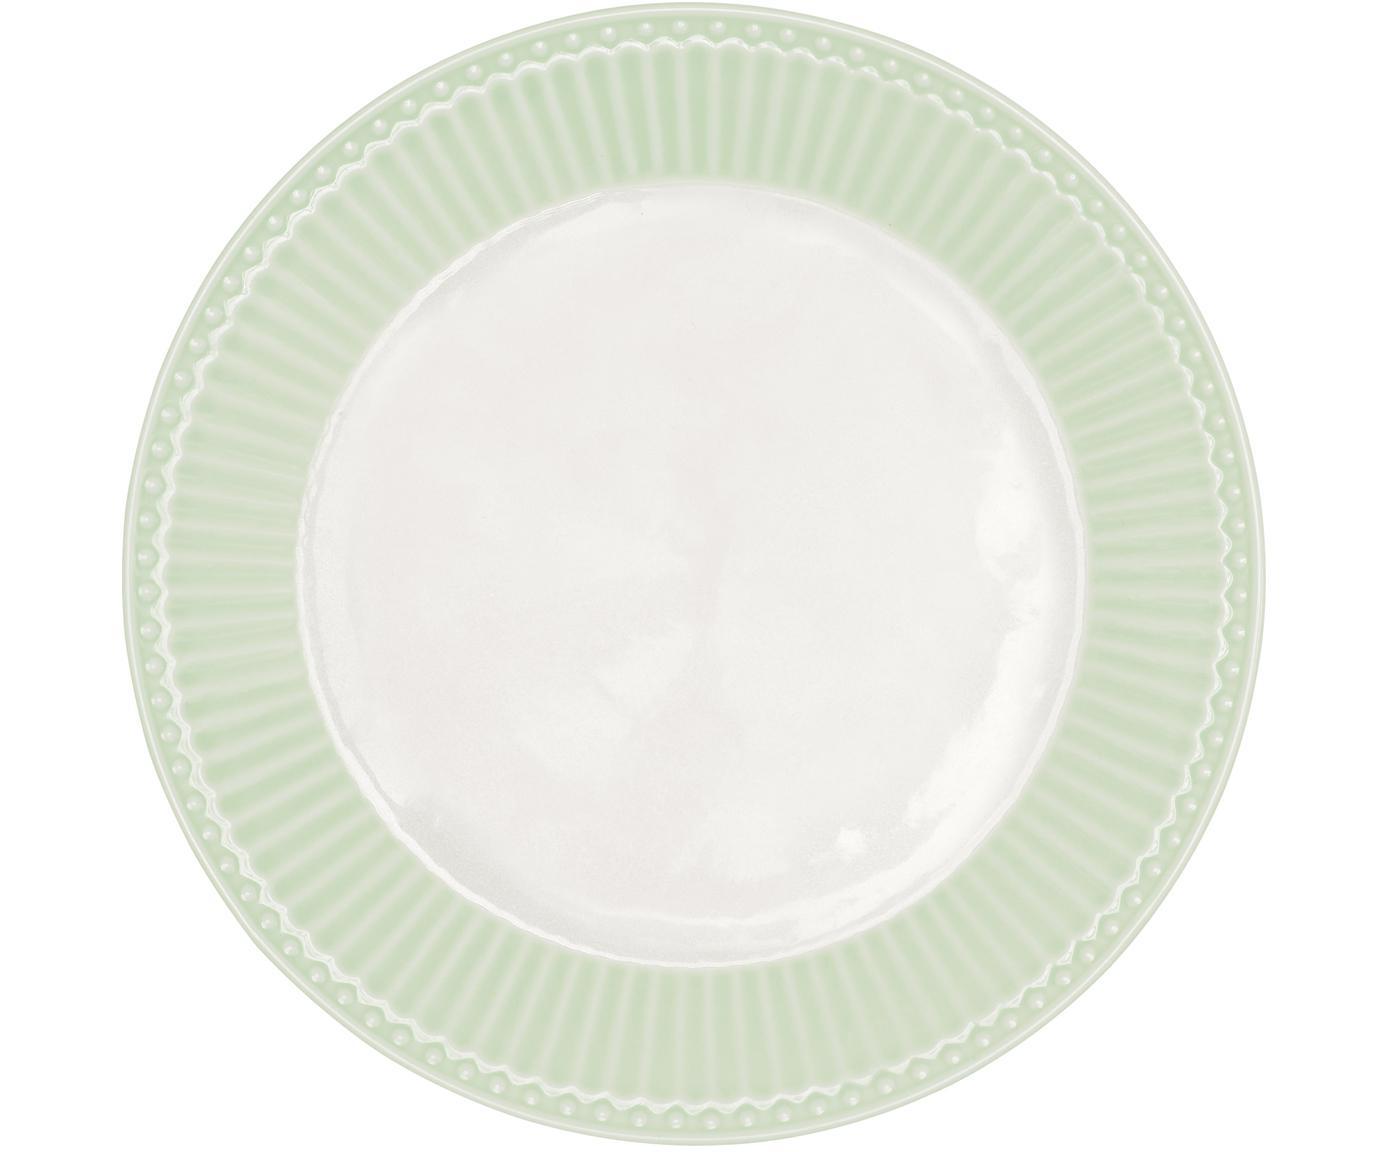 Frühstücksteller Alice in Pastellgrün mit Reliefdesign, 2 Stück, Porzellan, Mintgrün, Weiß, Ø 23 cm